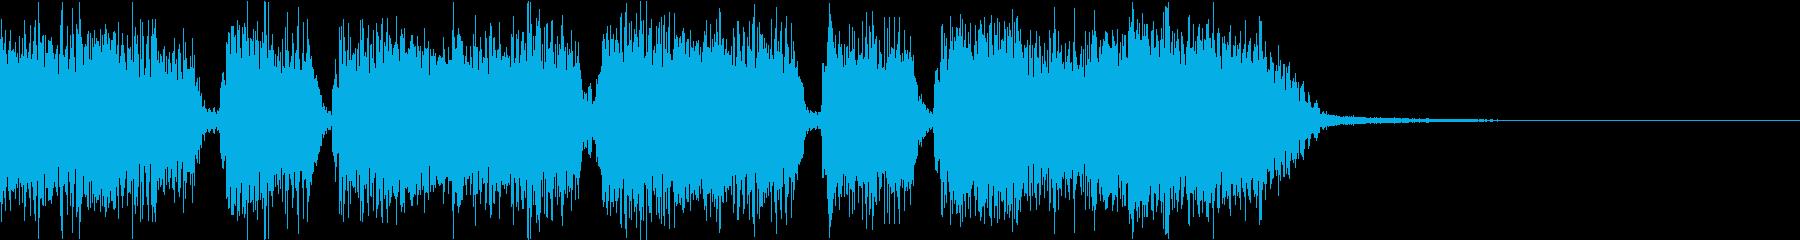 エネルギッシュ・ロックなサウンドロゴ01の再生済みの波形